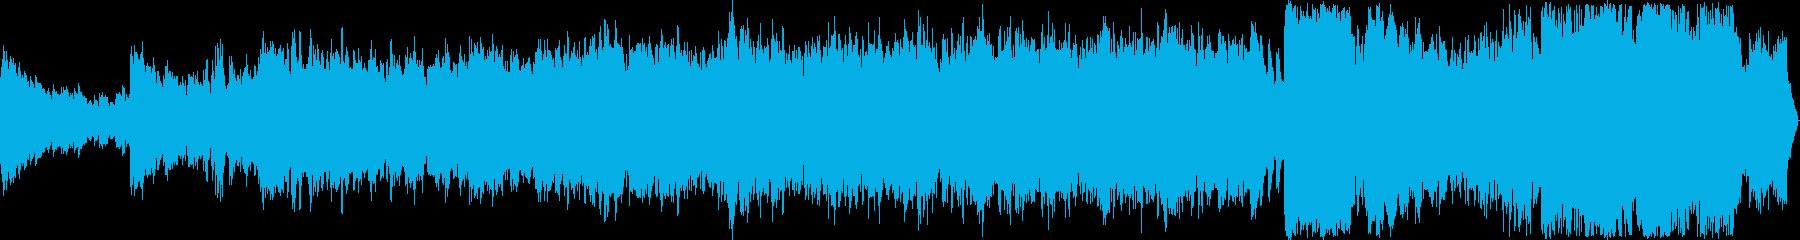 豪華なフィールドBGM、ループ仕様の再生済みの波形